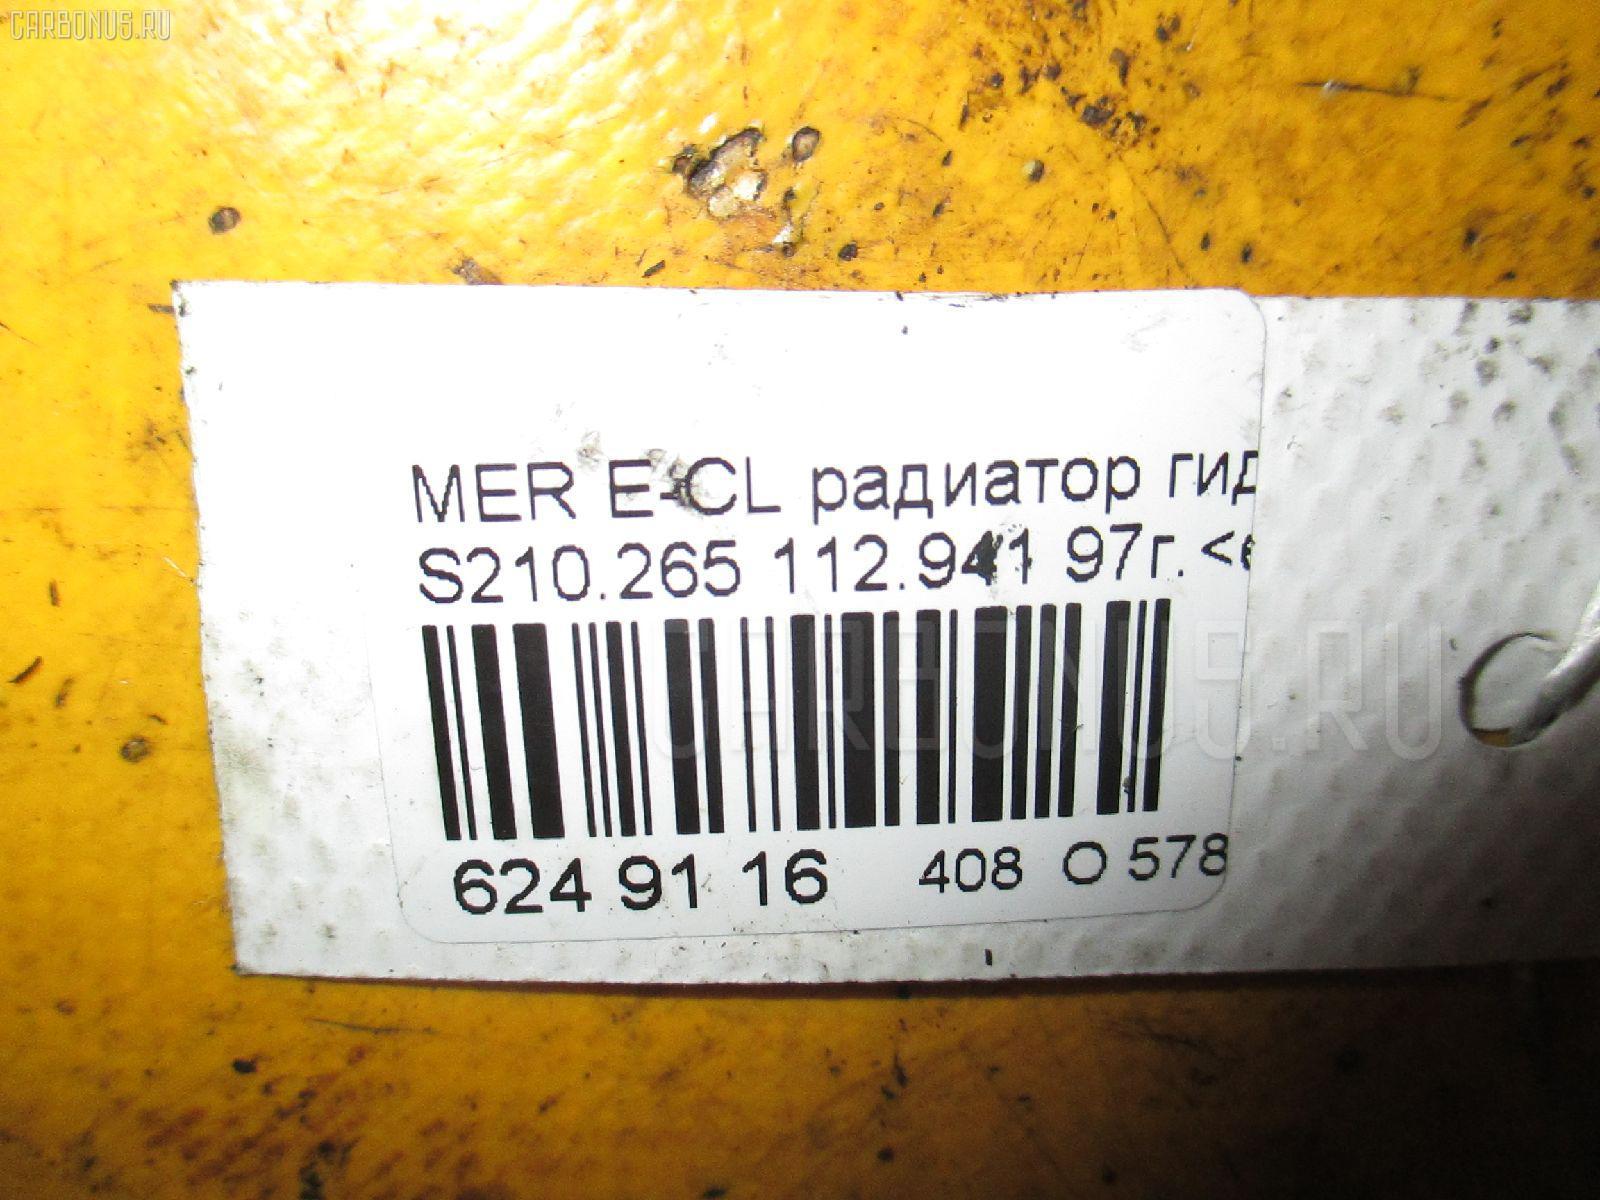 Радиатор гидроусилителя MERCEDES-BENZ E-CLASS STATION WAGON S210.265 112.941 Фото 7